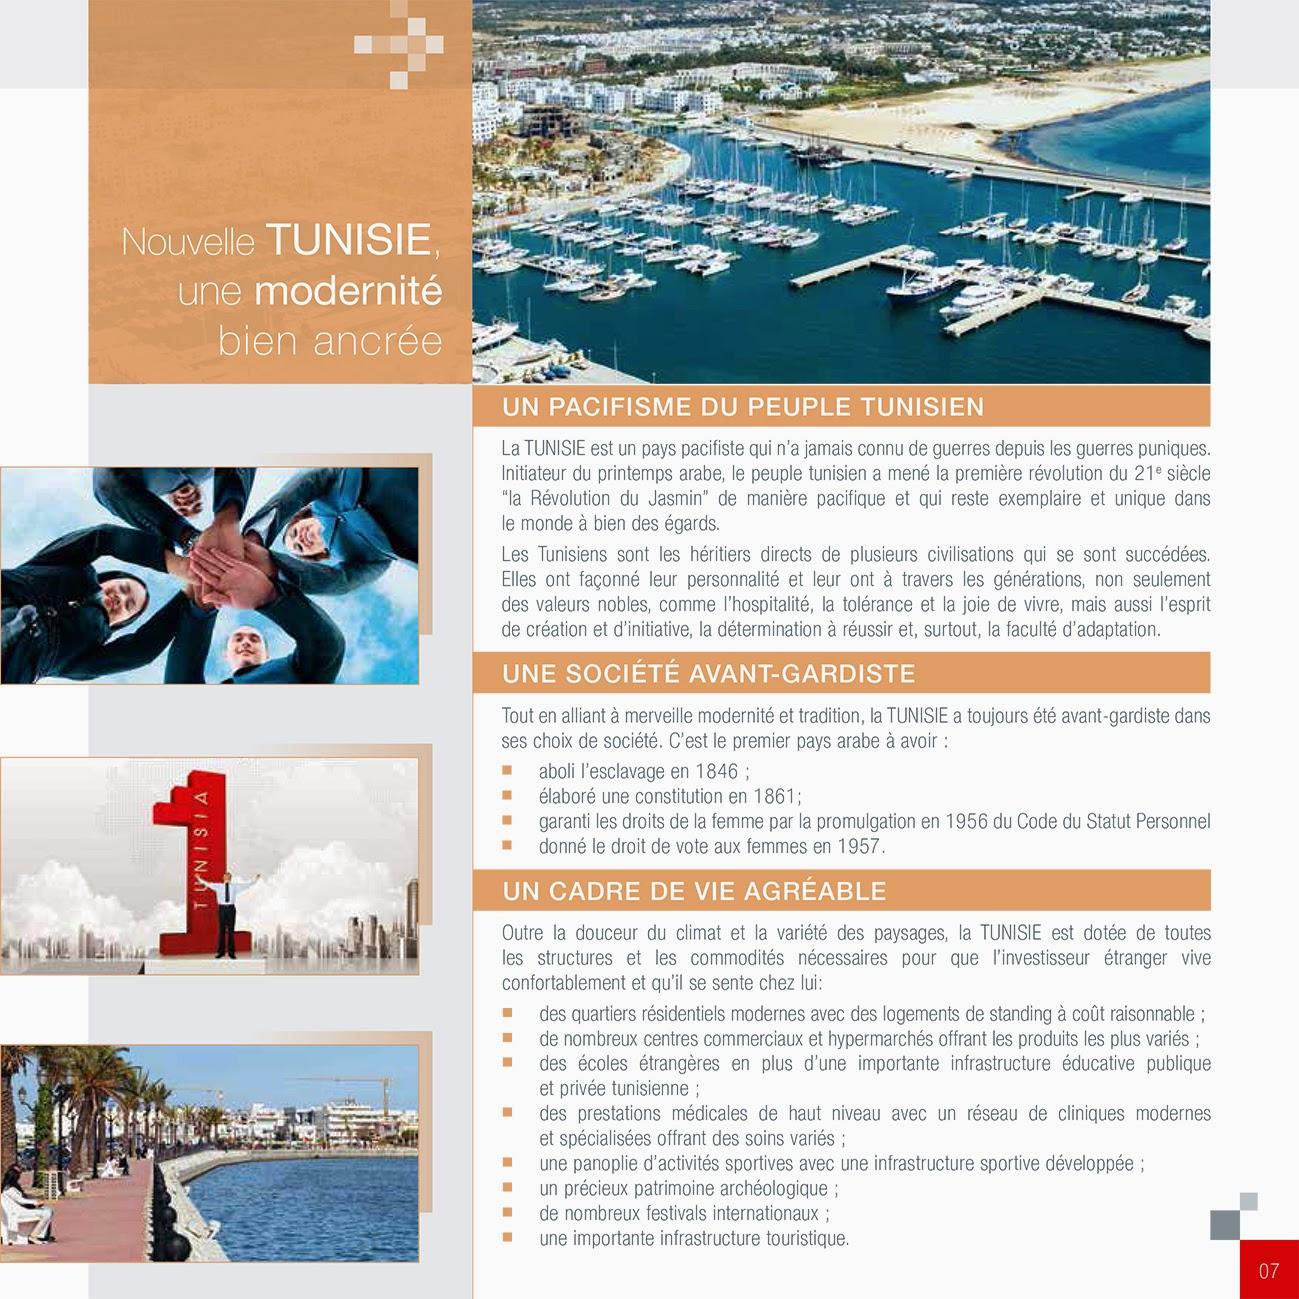 FIPA TUNISIE